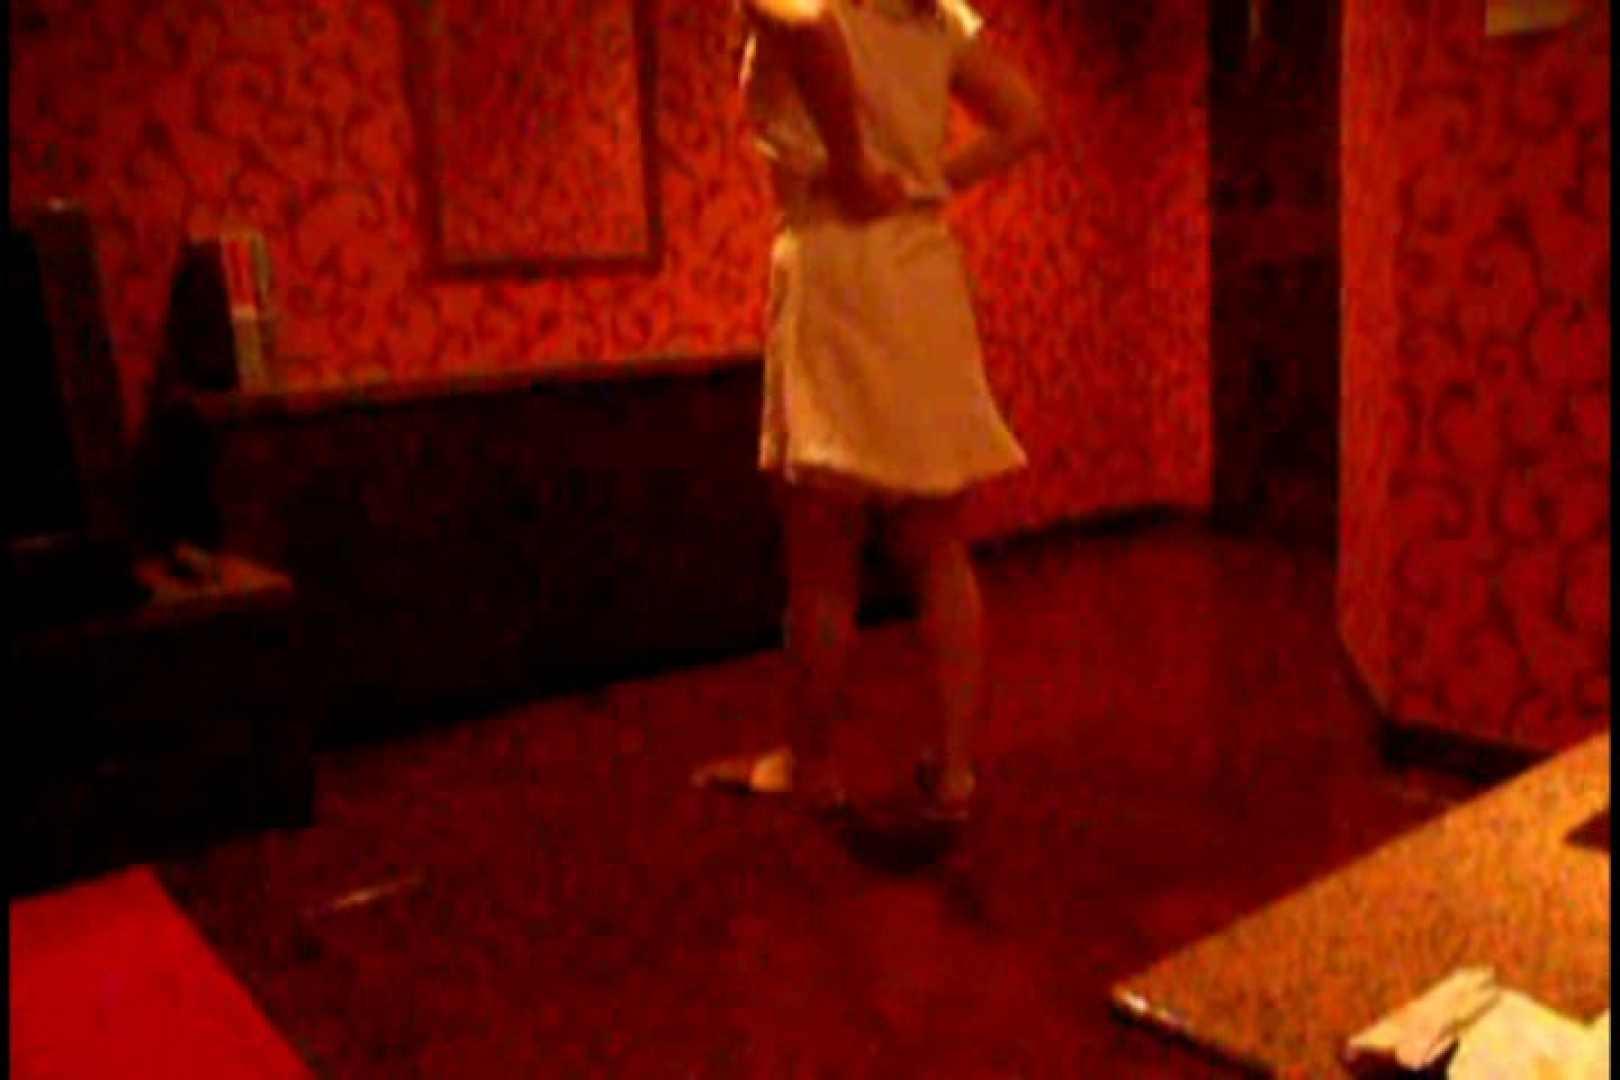 某掲示板に投稿された素人女性たちVOL.9 投稿 性交動画流出 94PIX 20